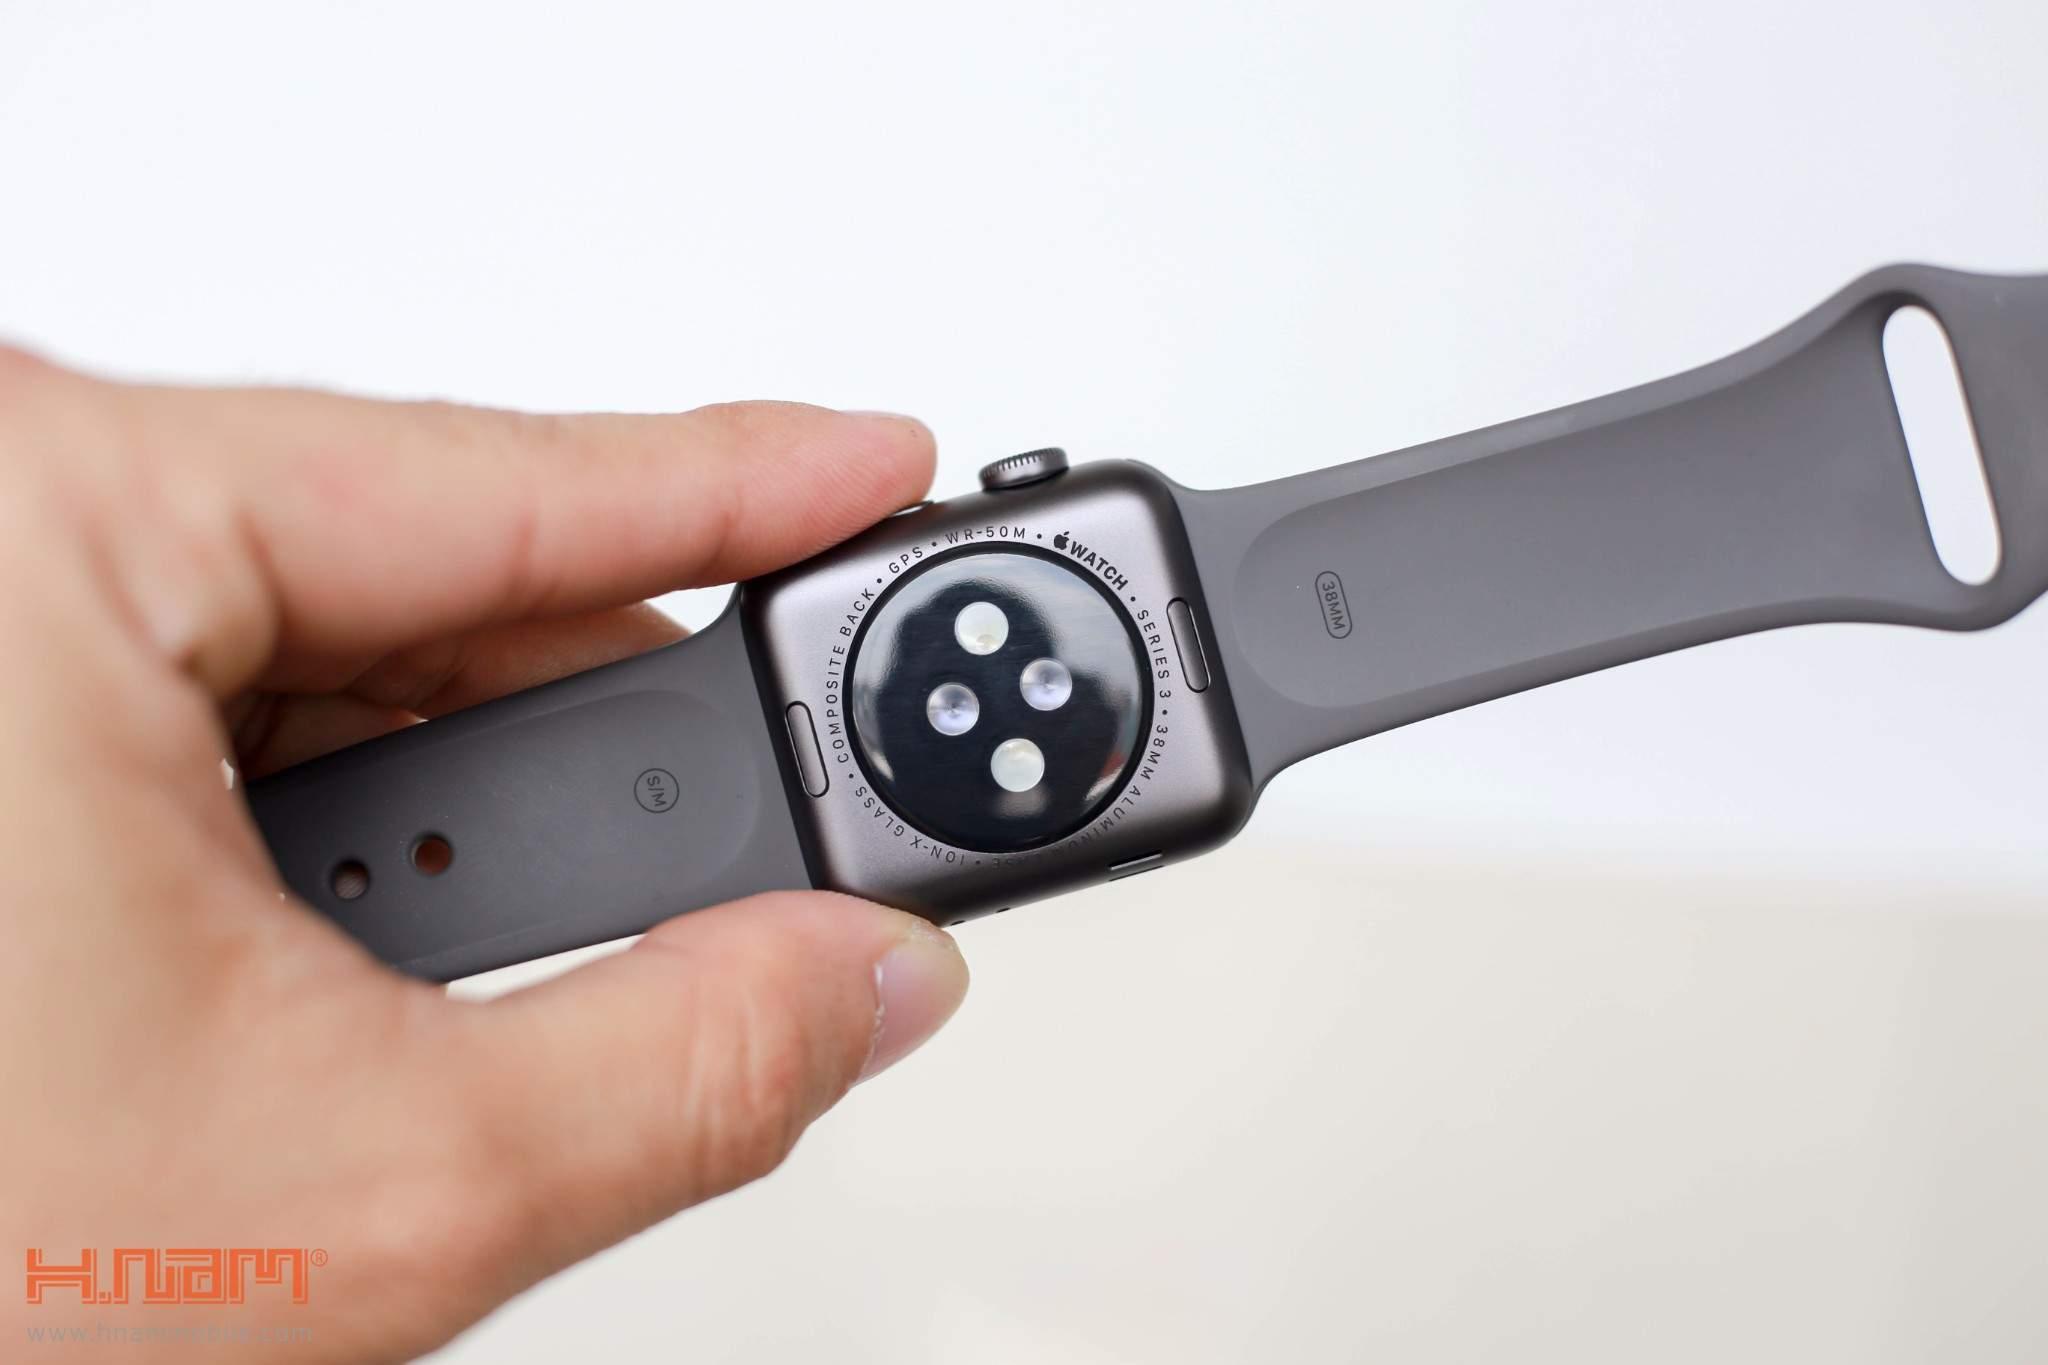 Apple Watch Series 3 Cellular 38mm Gold Aluminum Case - MQJQ2 (Trôi bảo hành , chưa Active ) hình sản phẩm 3